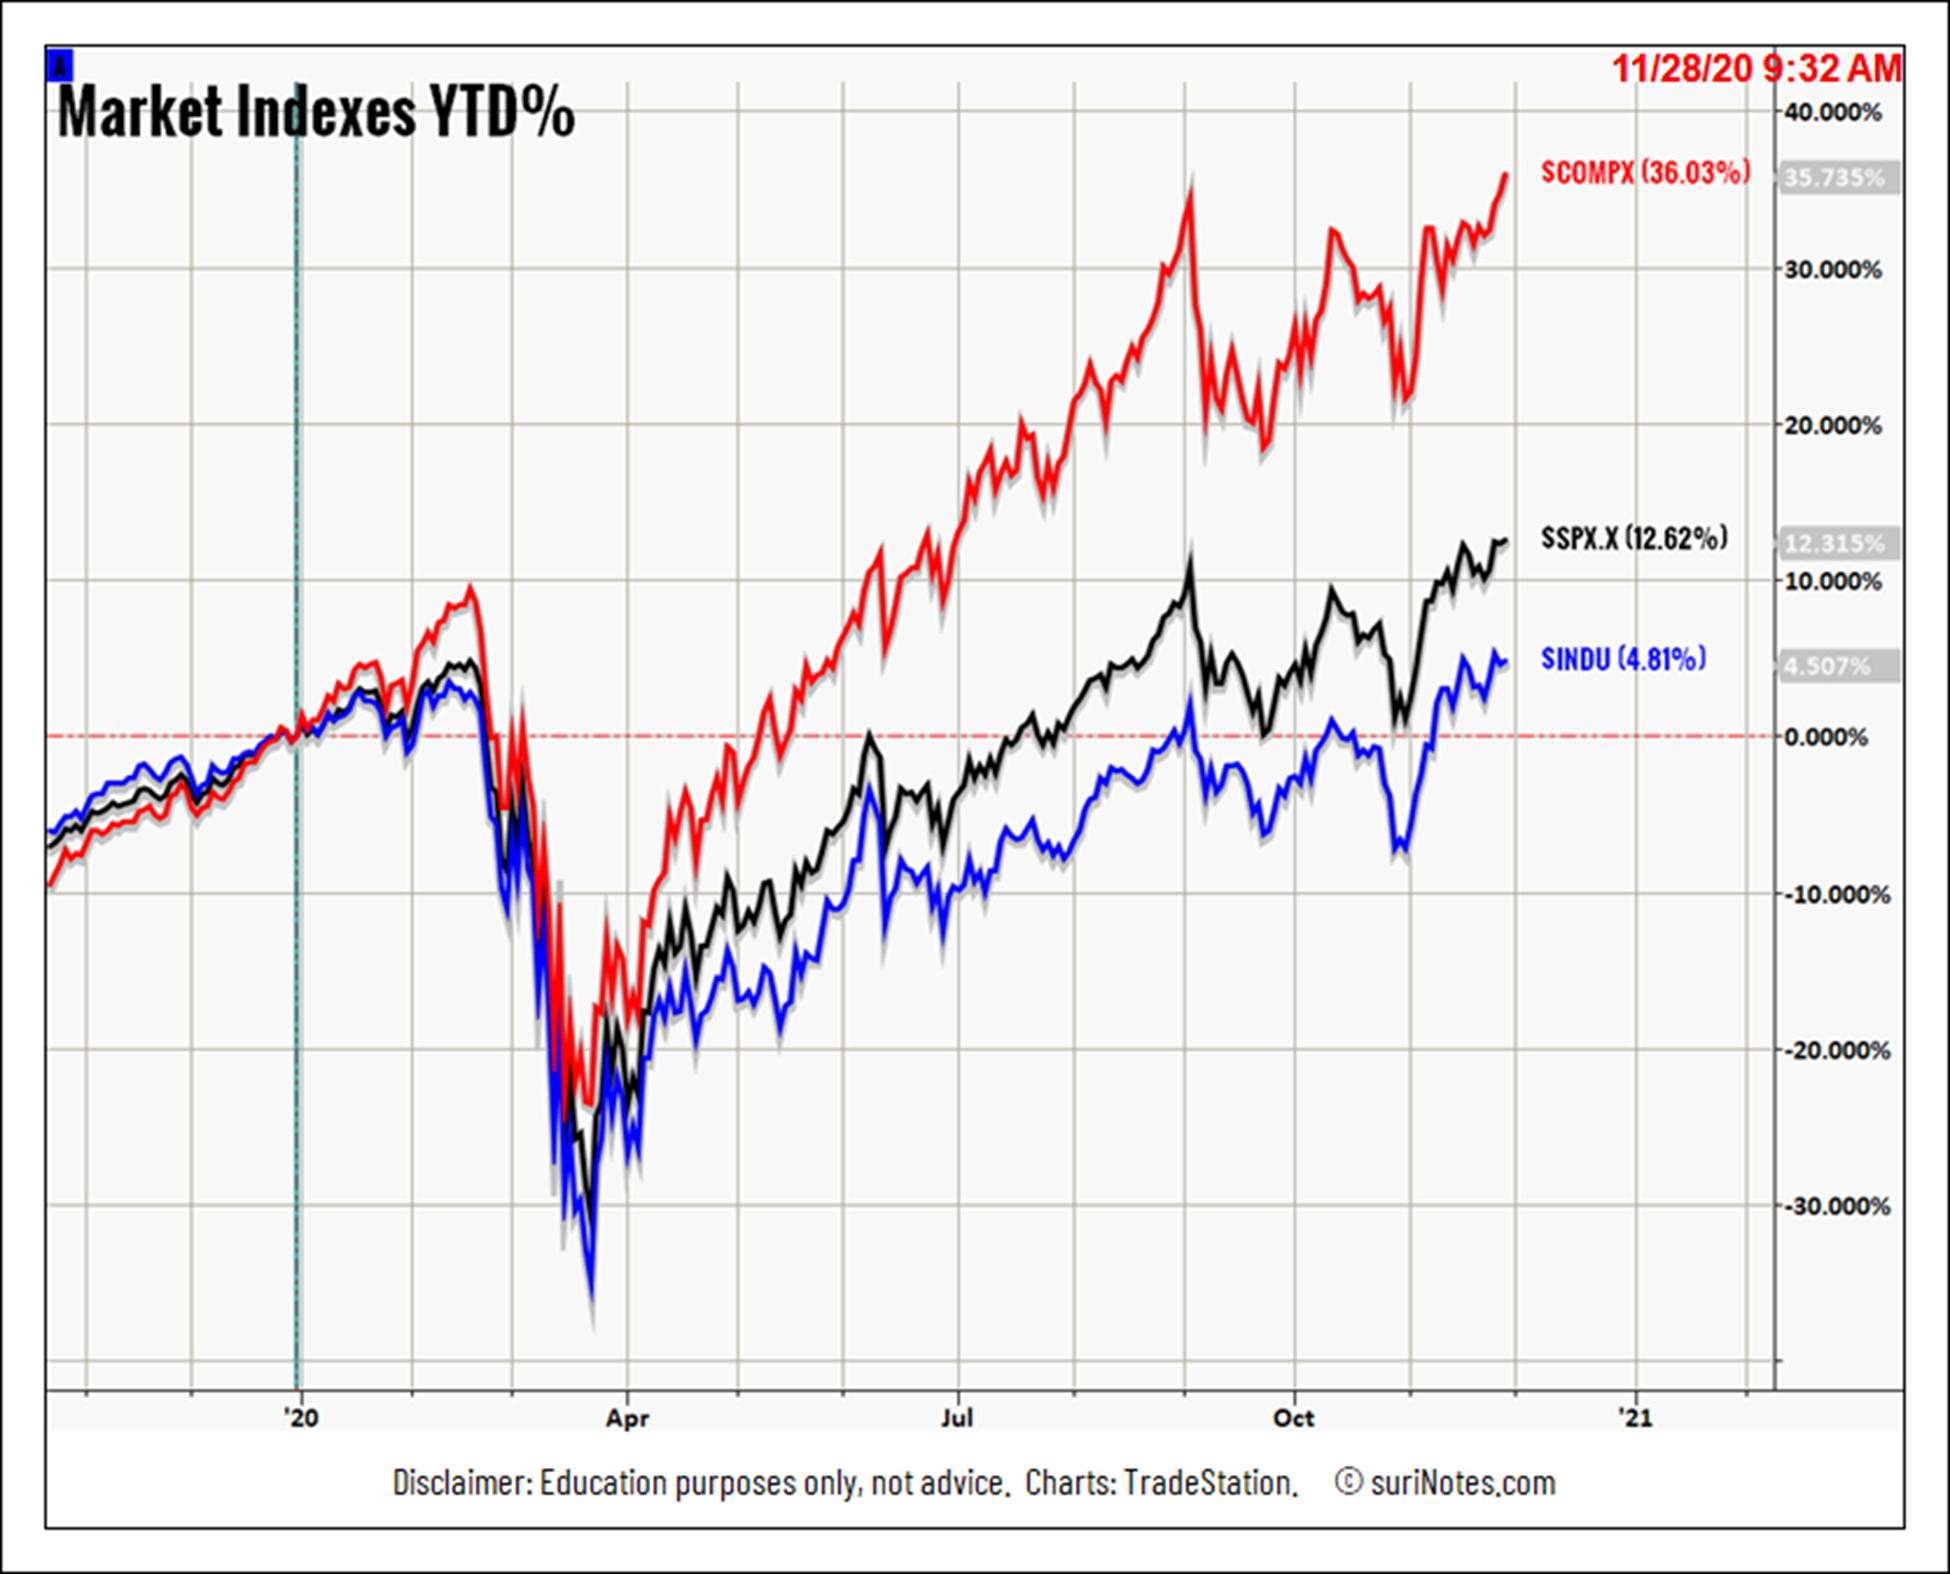 Major Market Indexes YTD%